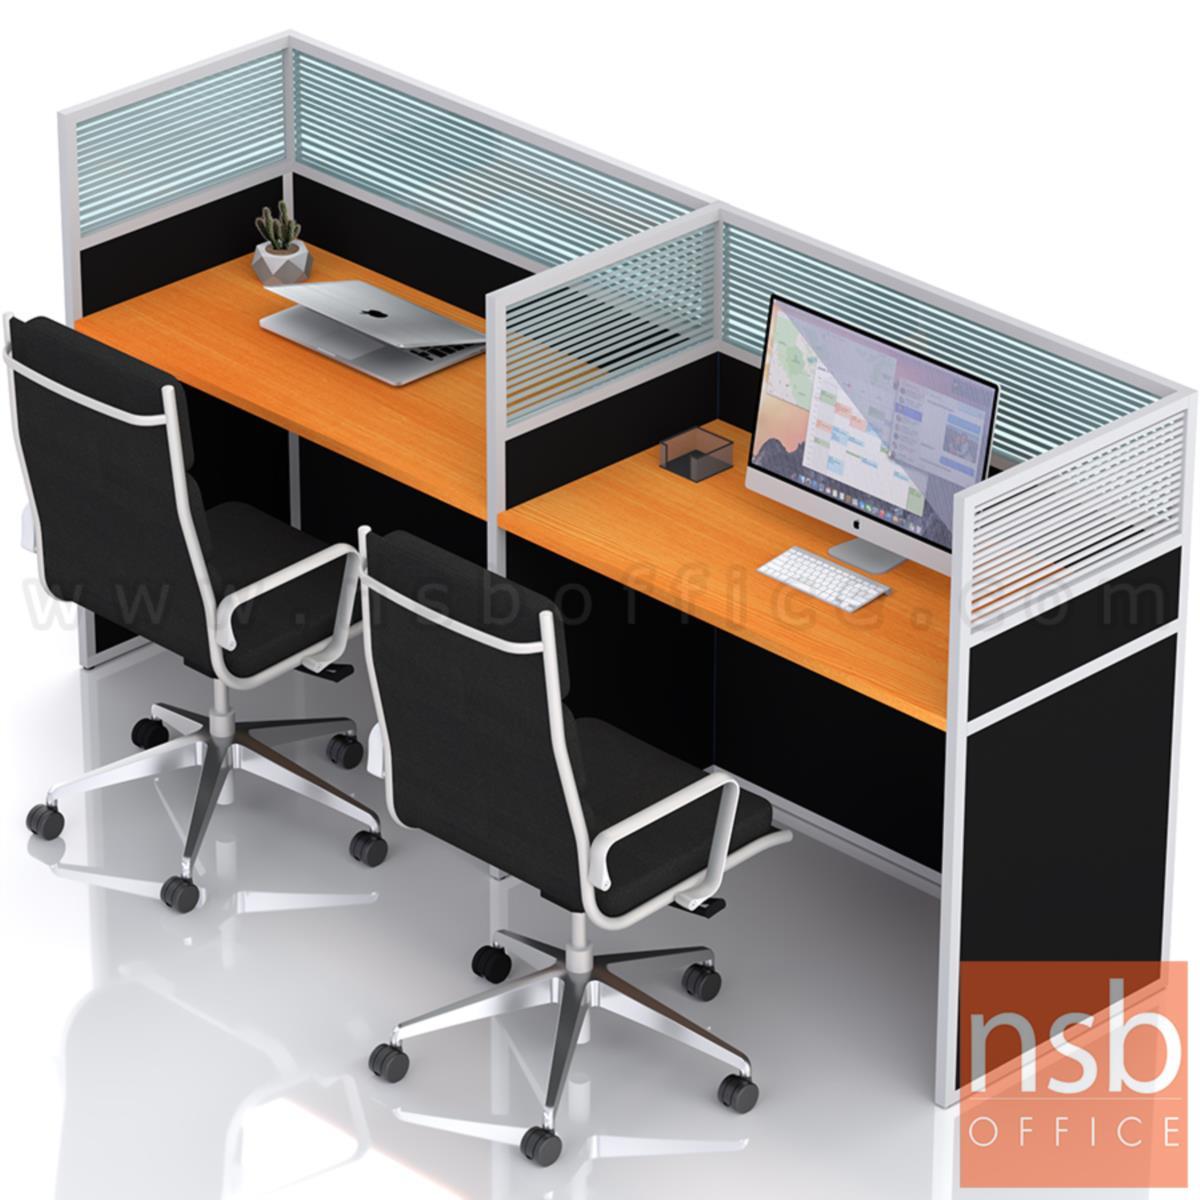 A04A081:ชุดโต๊ะทำงานกลุ่ม 2 ที่นั่ง  ขนาดรวม 246W*62D cm. พร้อมพาร์ทิชั่นครึ่งทึบครึ่งกระจกขัดลาย